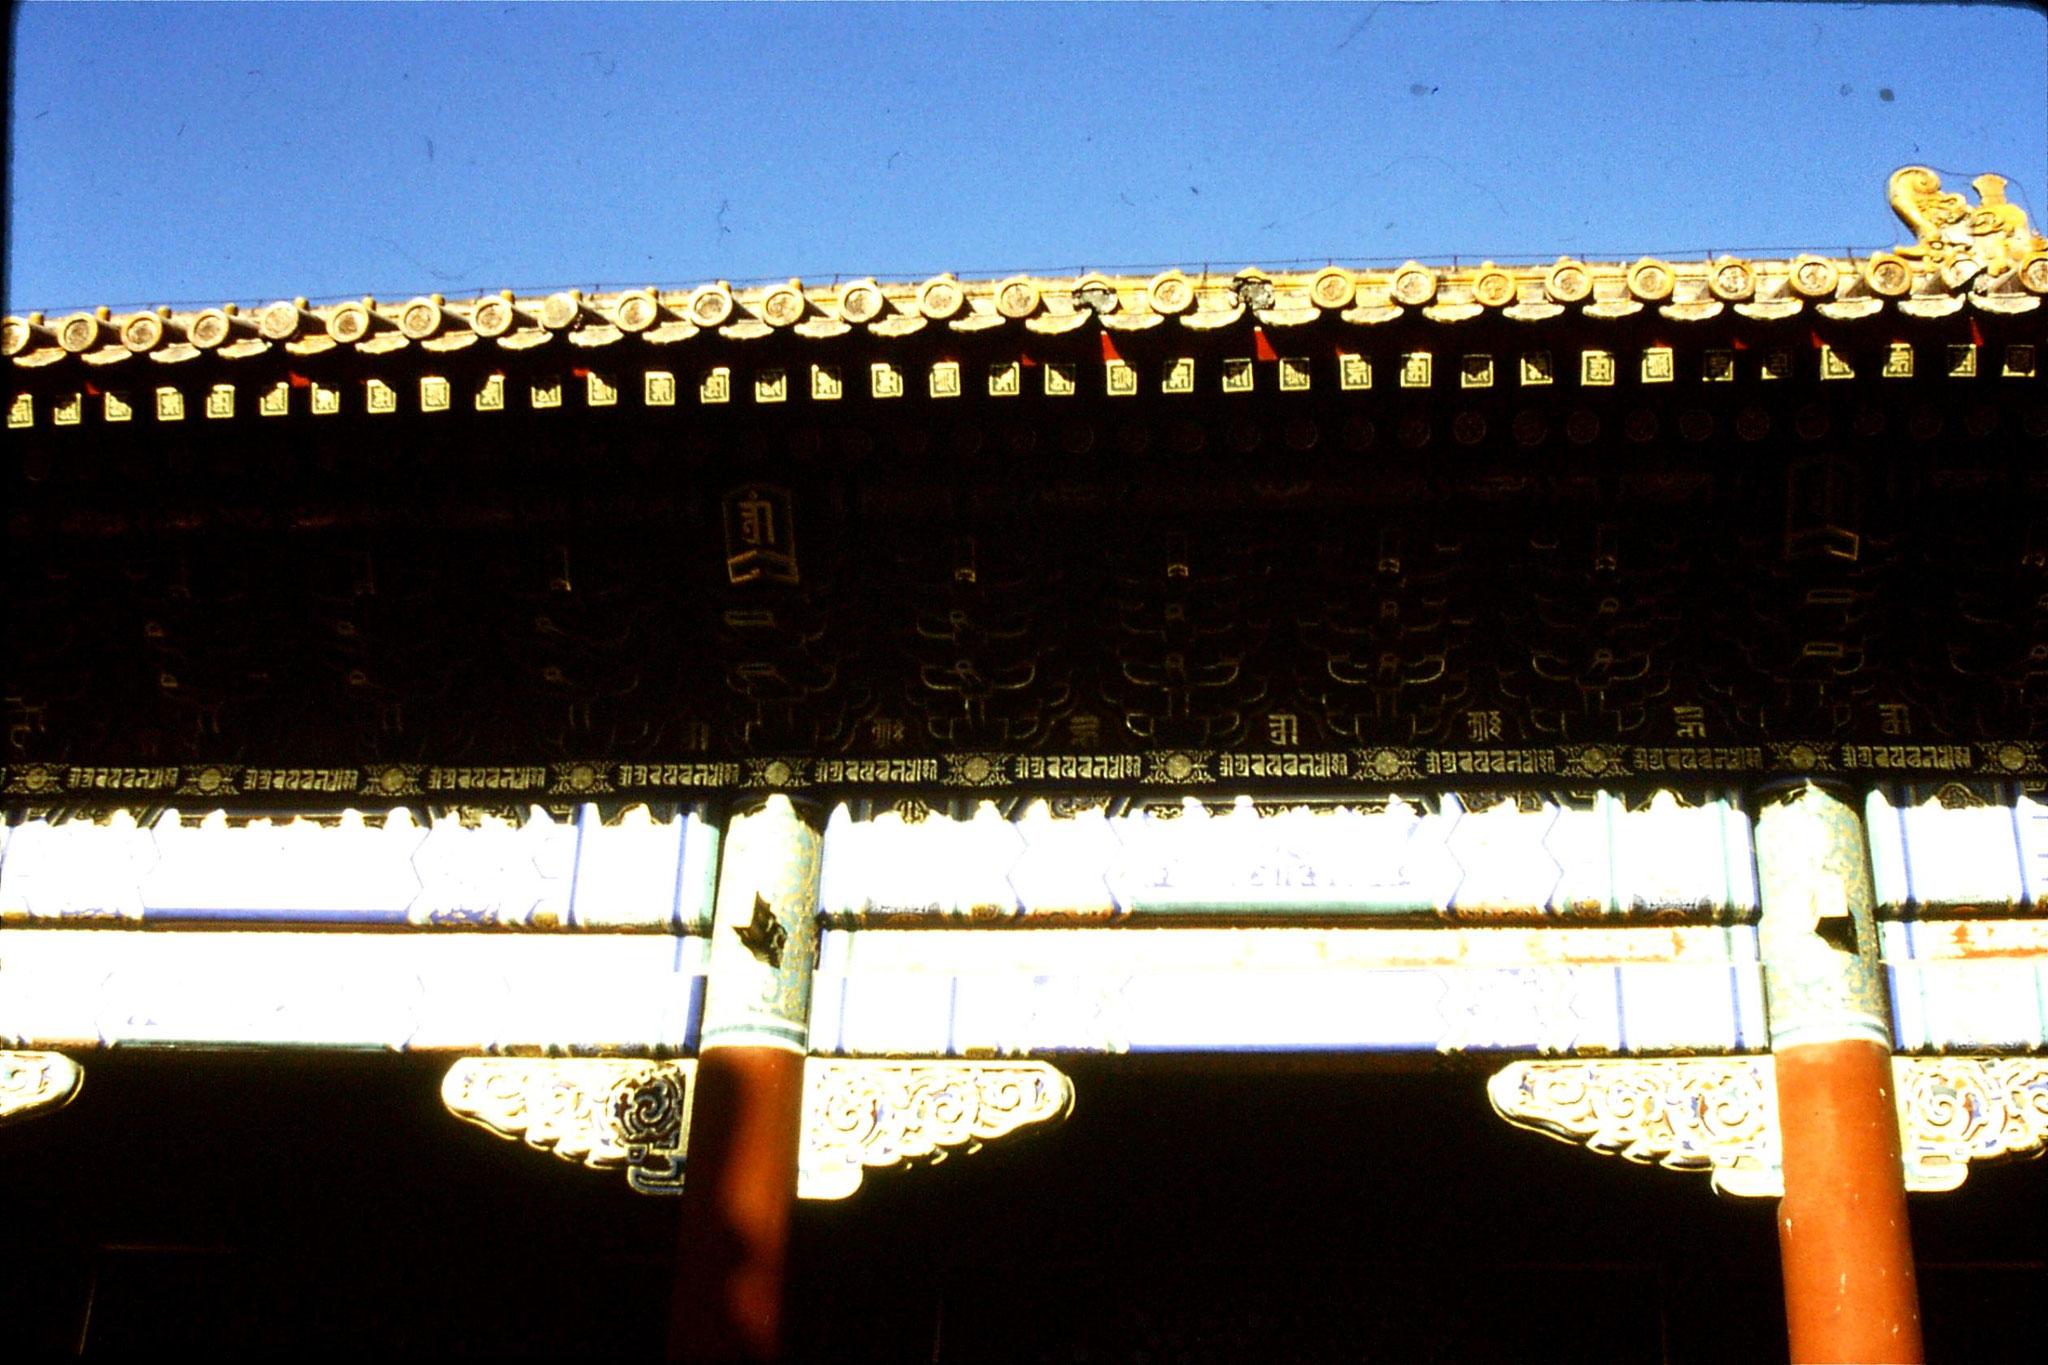 4/12/1988: 6: Beijing Yong He temple